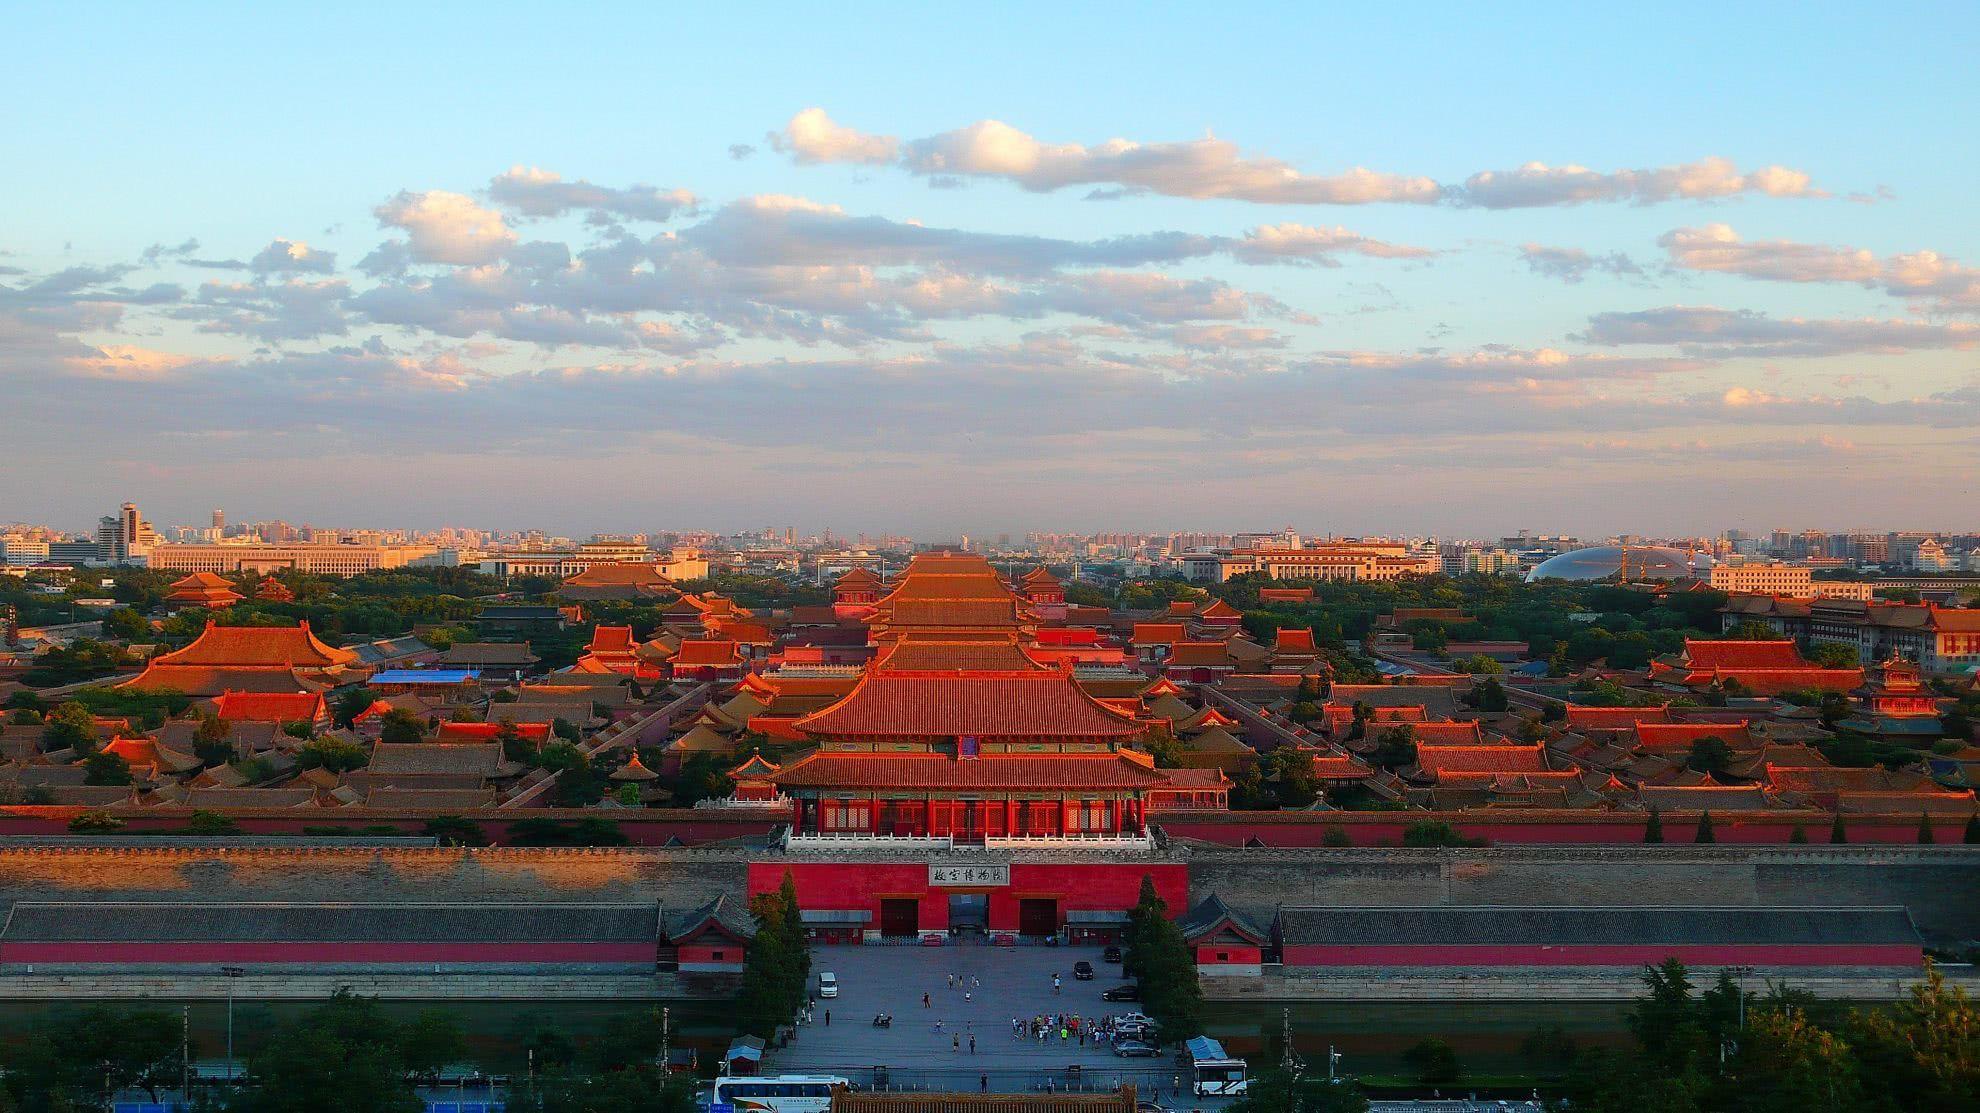 """故宫里有个秘密莫测""""后院"""",封闭近百年后2020年完全开放"""